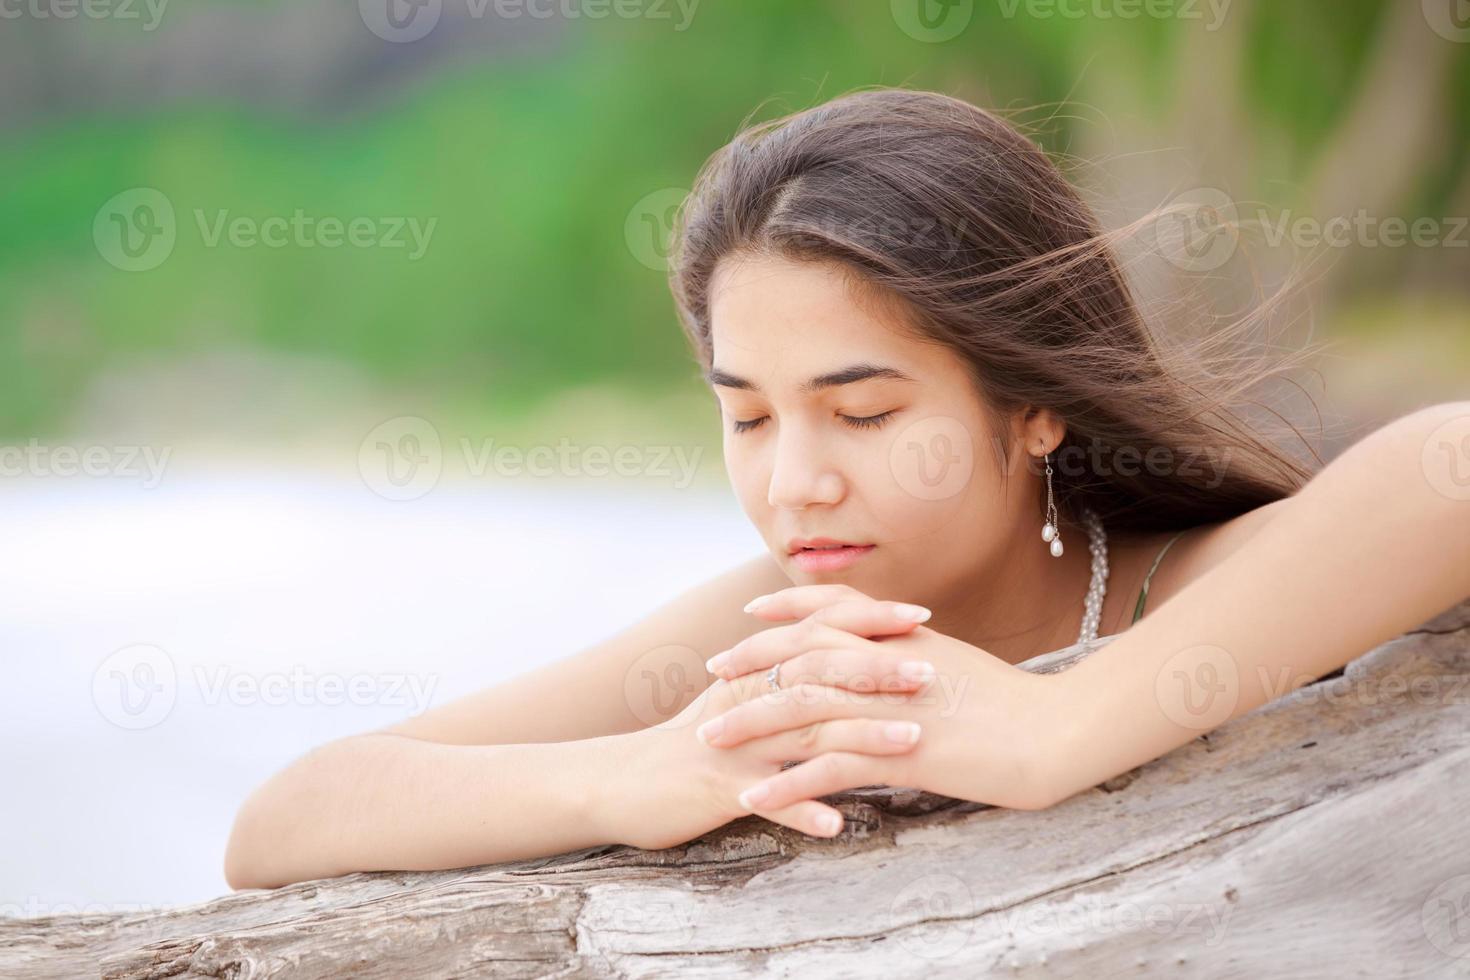 Hermosa jovencita en la playa rezando por el registro de madera flotante foto